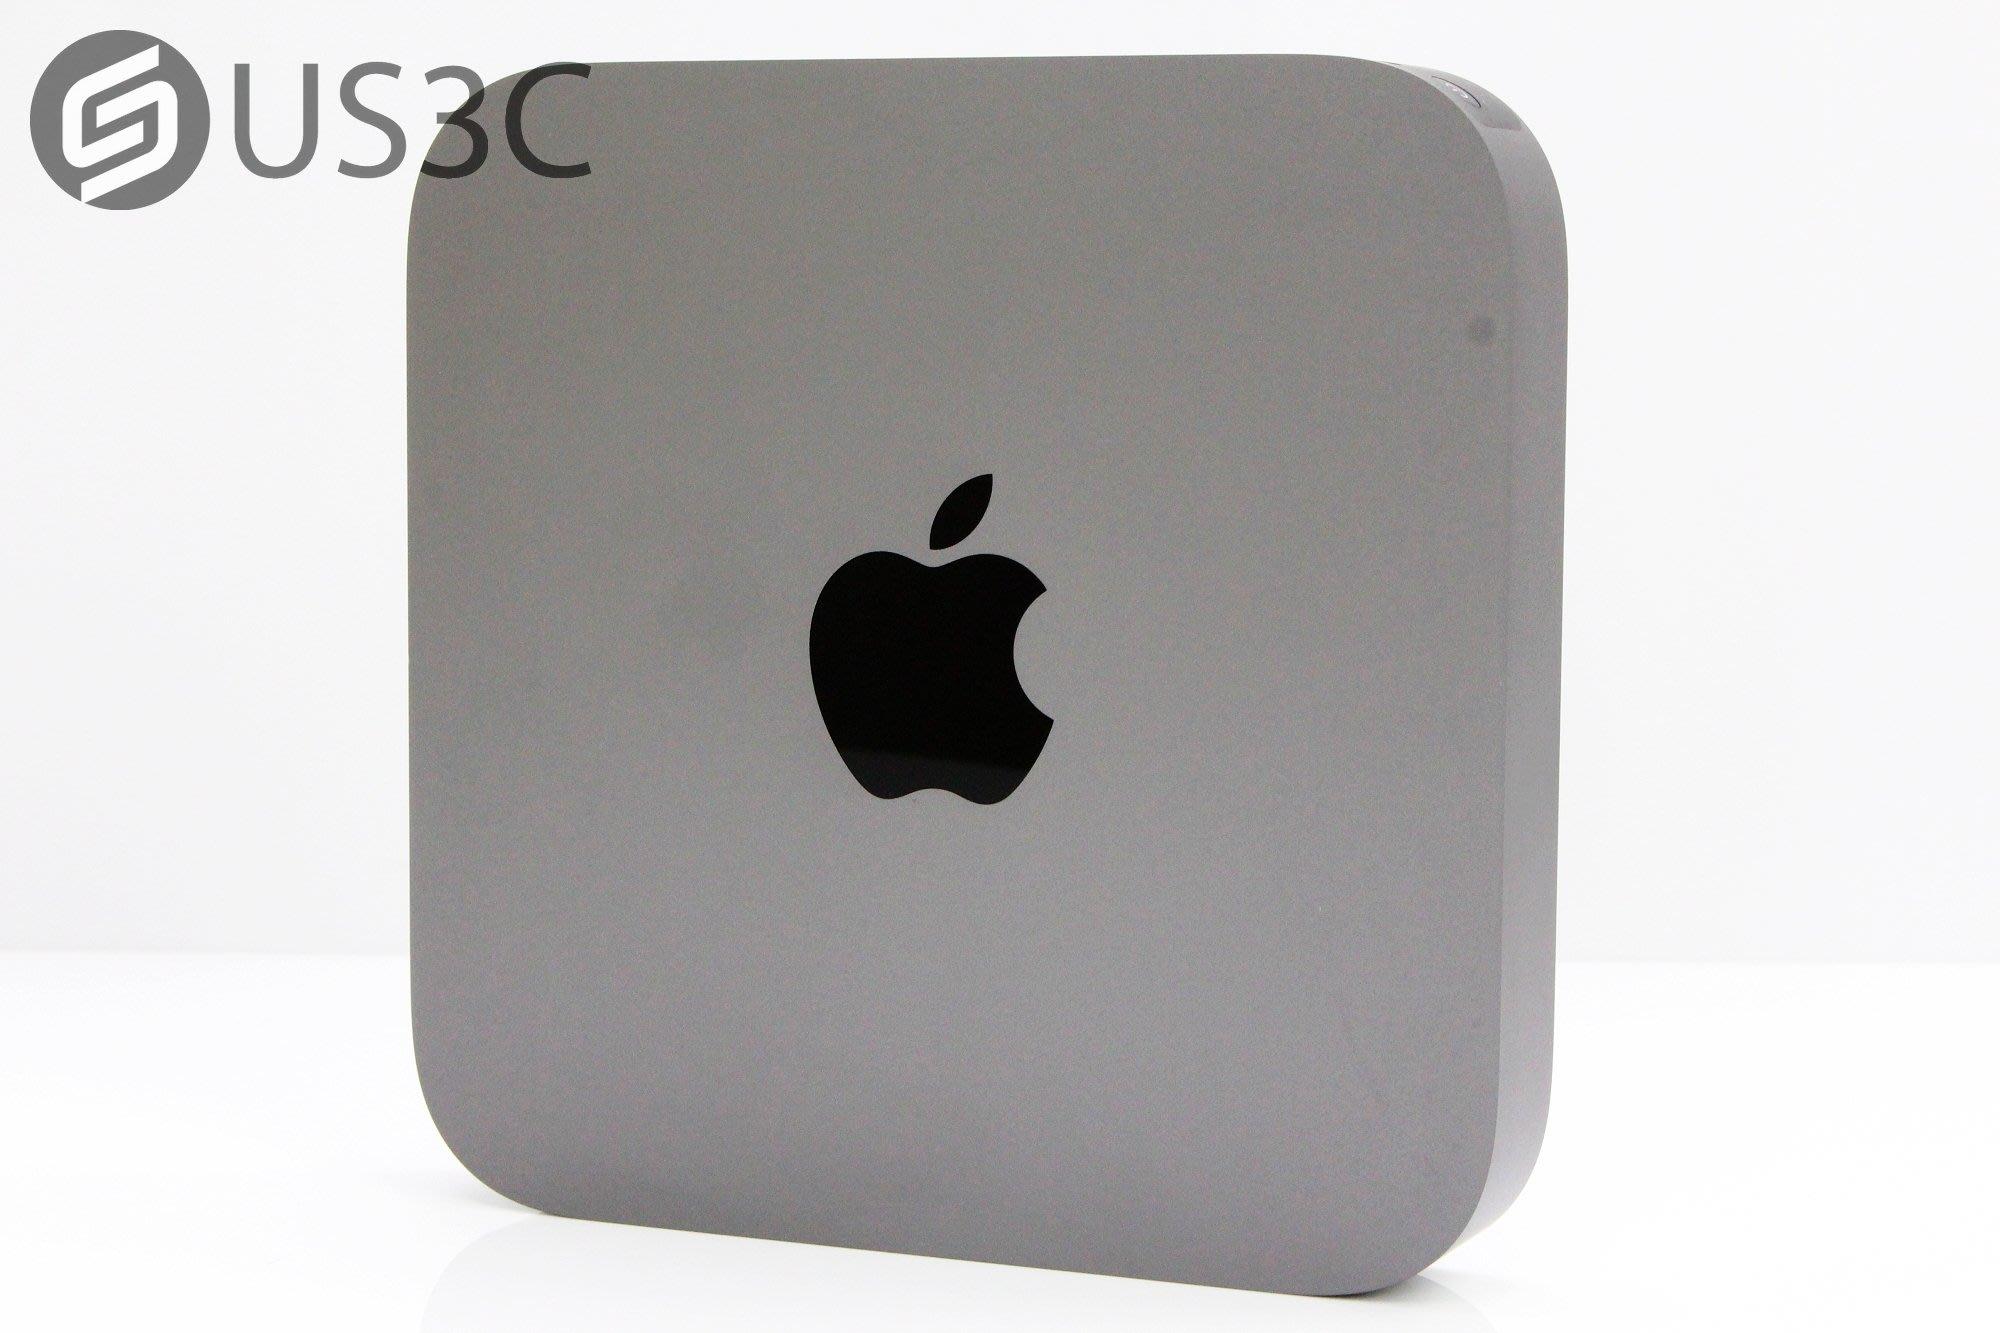 【US3C】公司貨 Apple Mac mini i3 3.6G 8G 128G Fusion Drive 2018年末